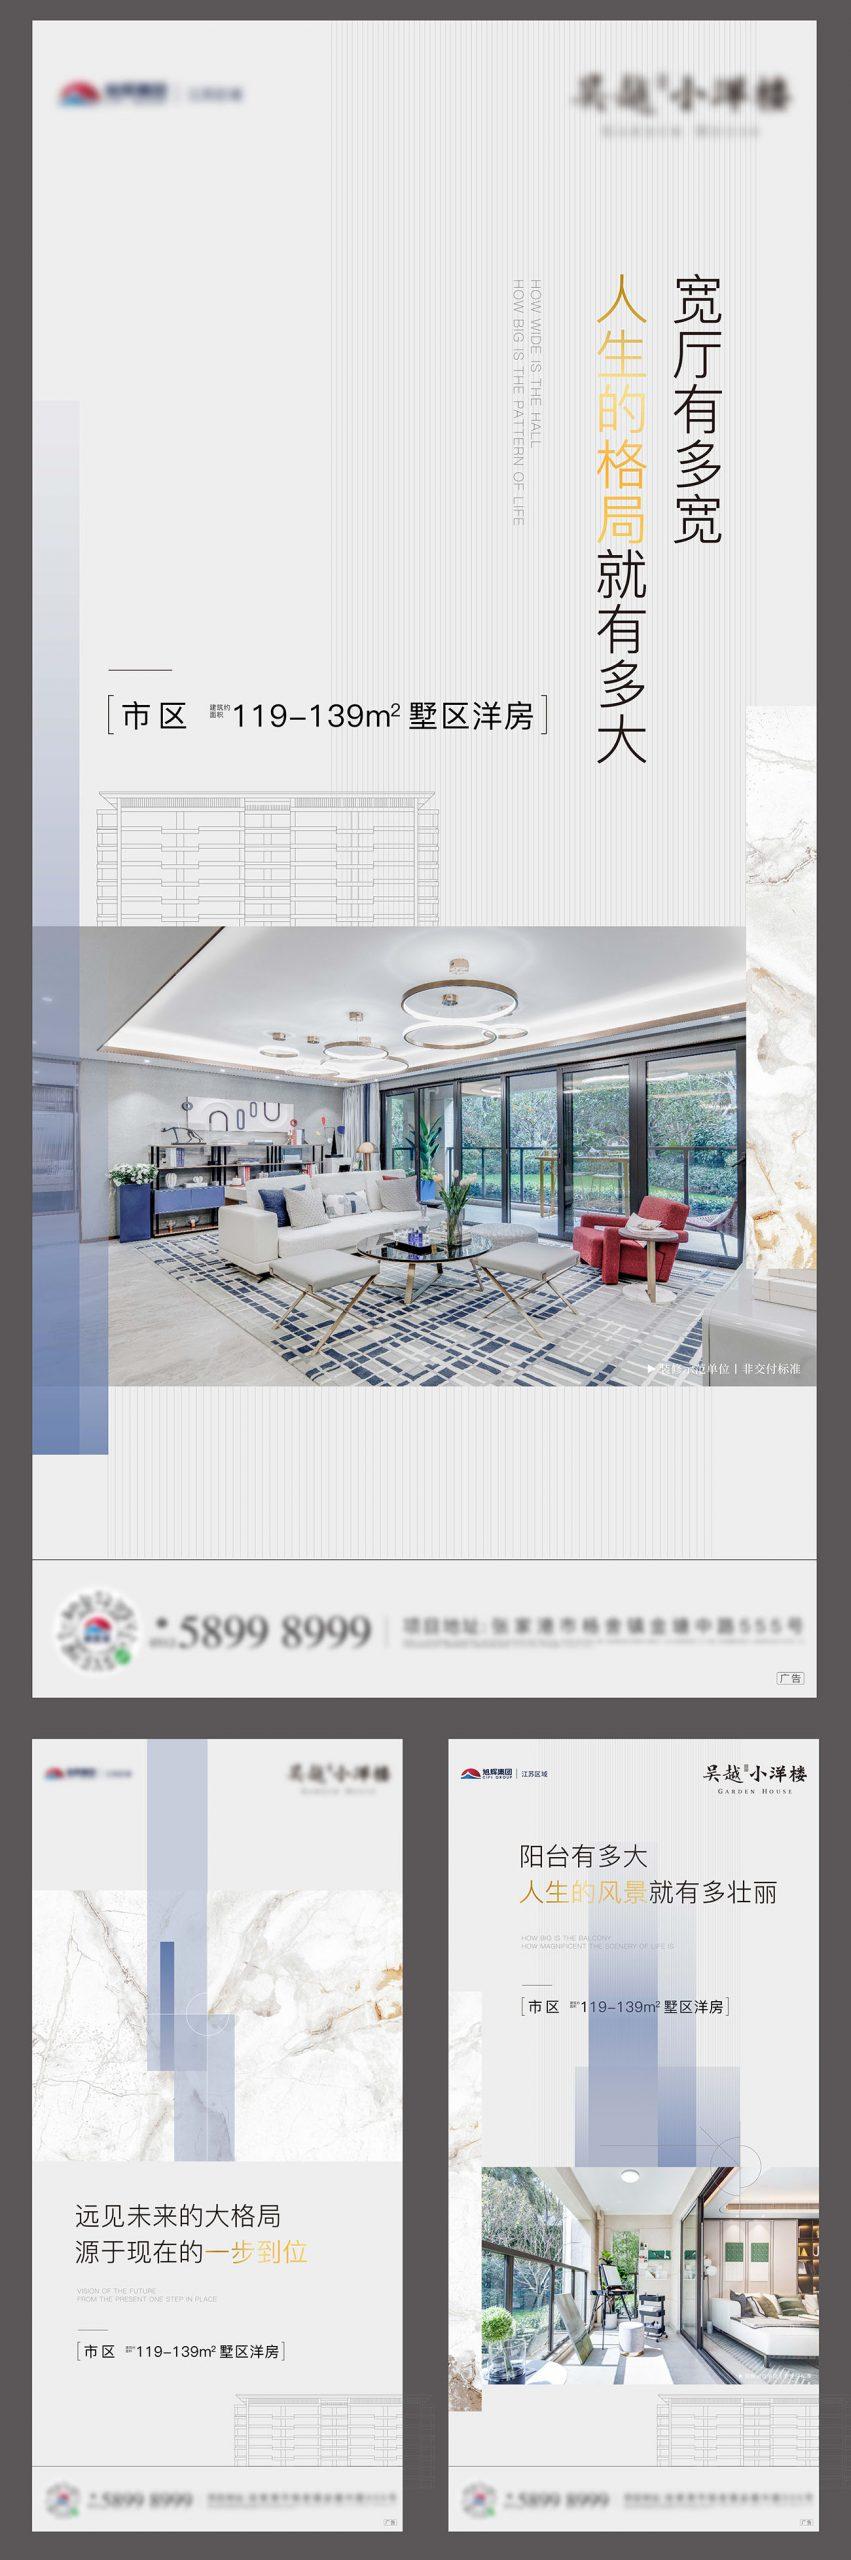 地产洋房户型价值点系列海报AI源文件插图